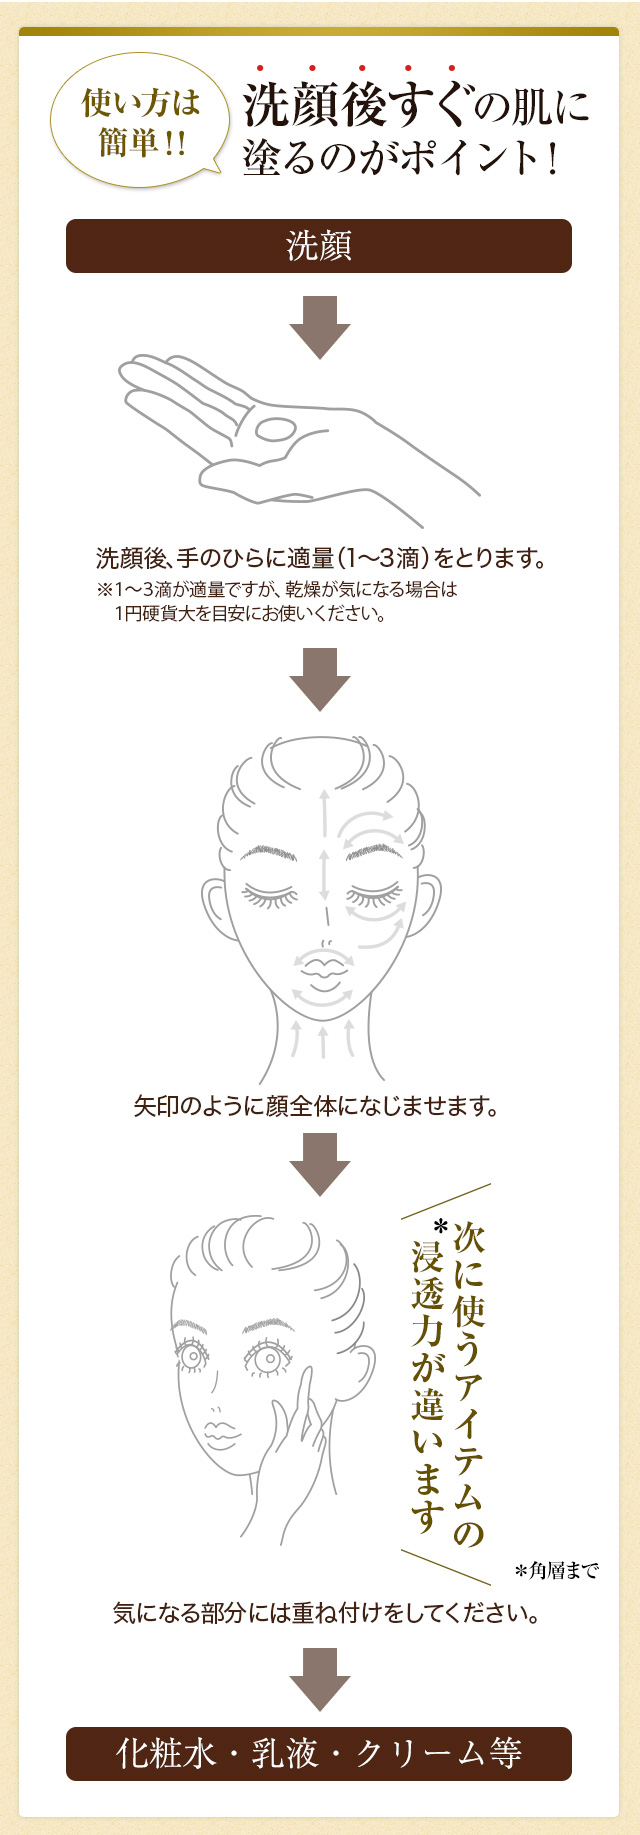 使い方は簡単!! 洗顔後すぐの肌に塗るのがポイント!